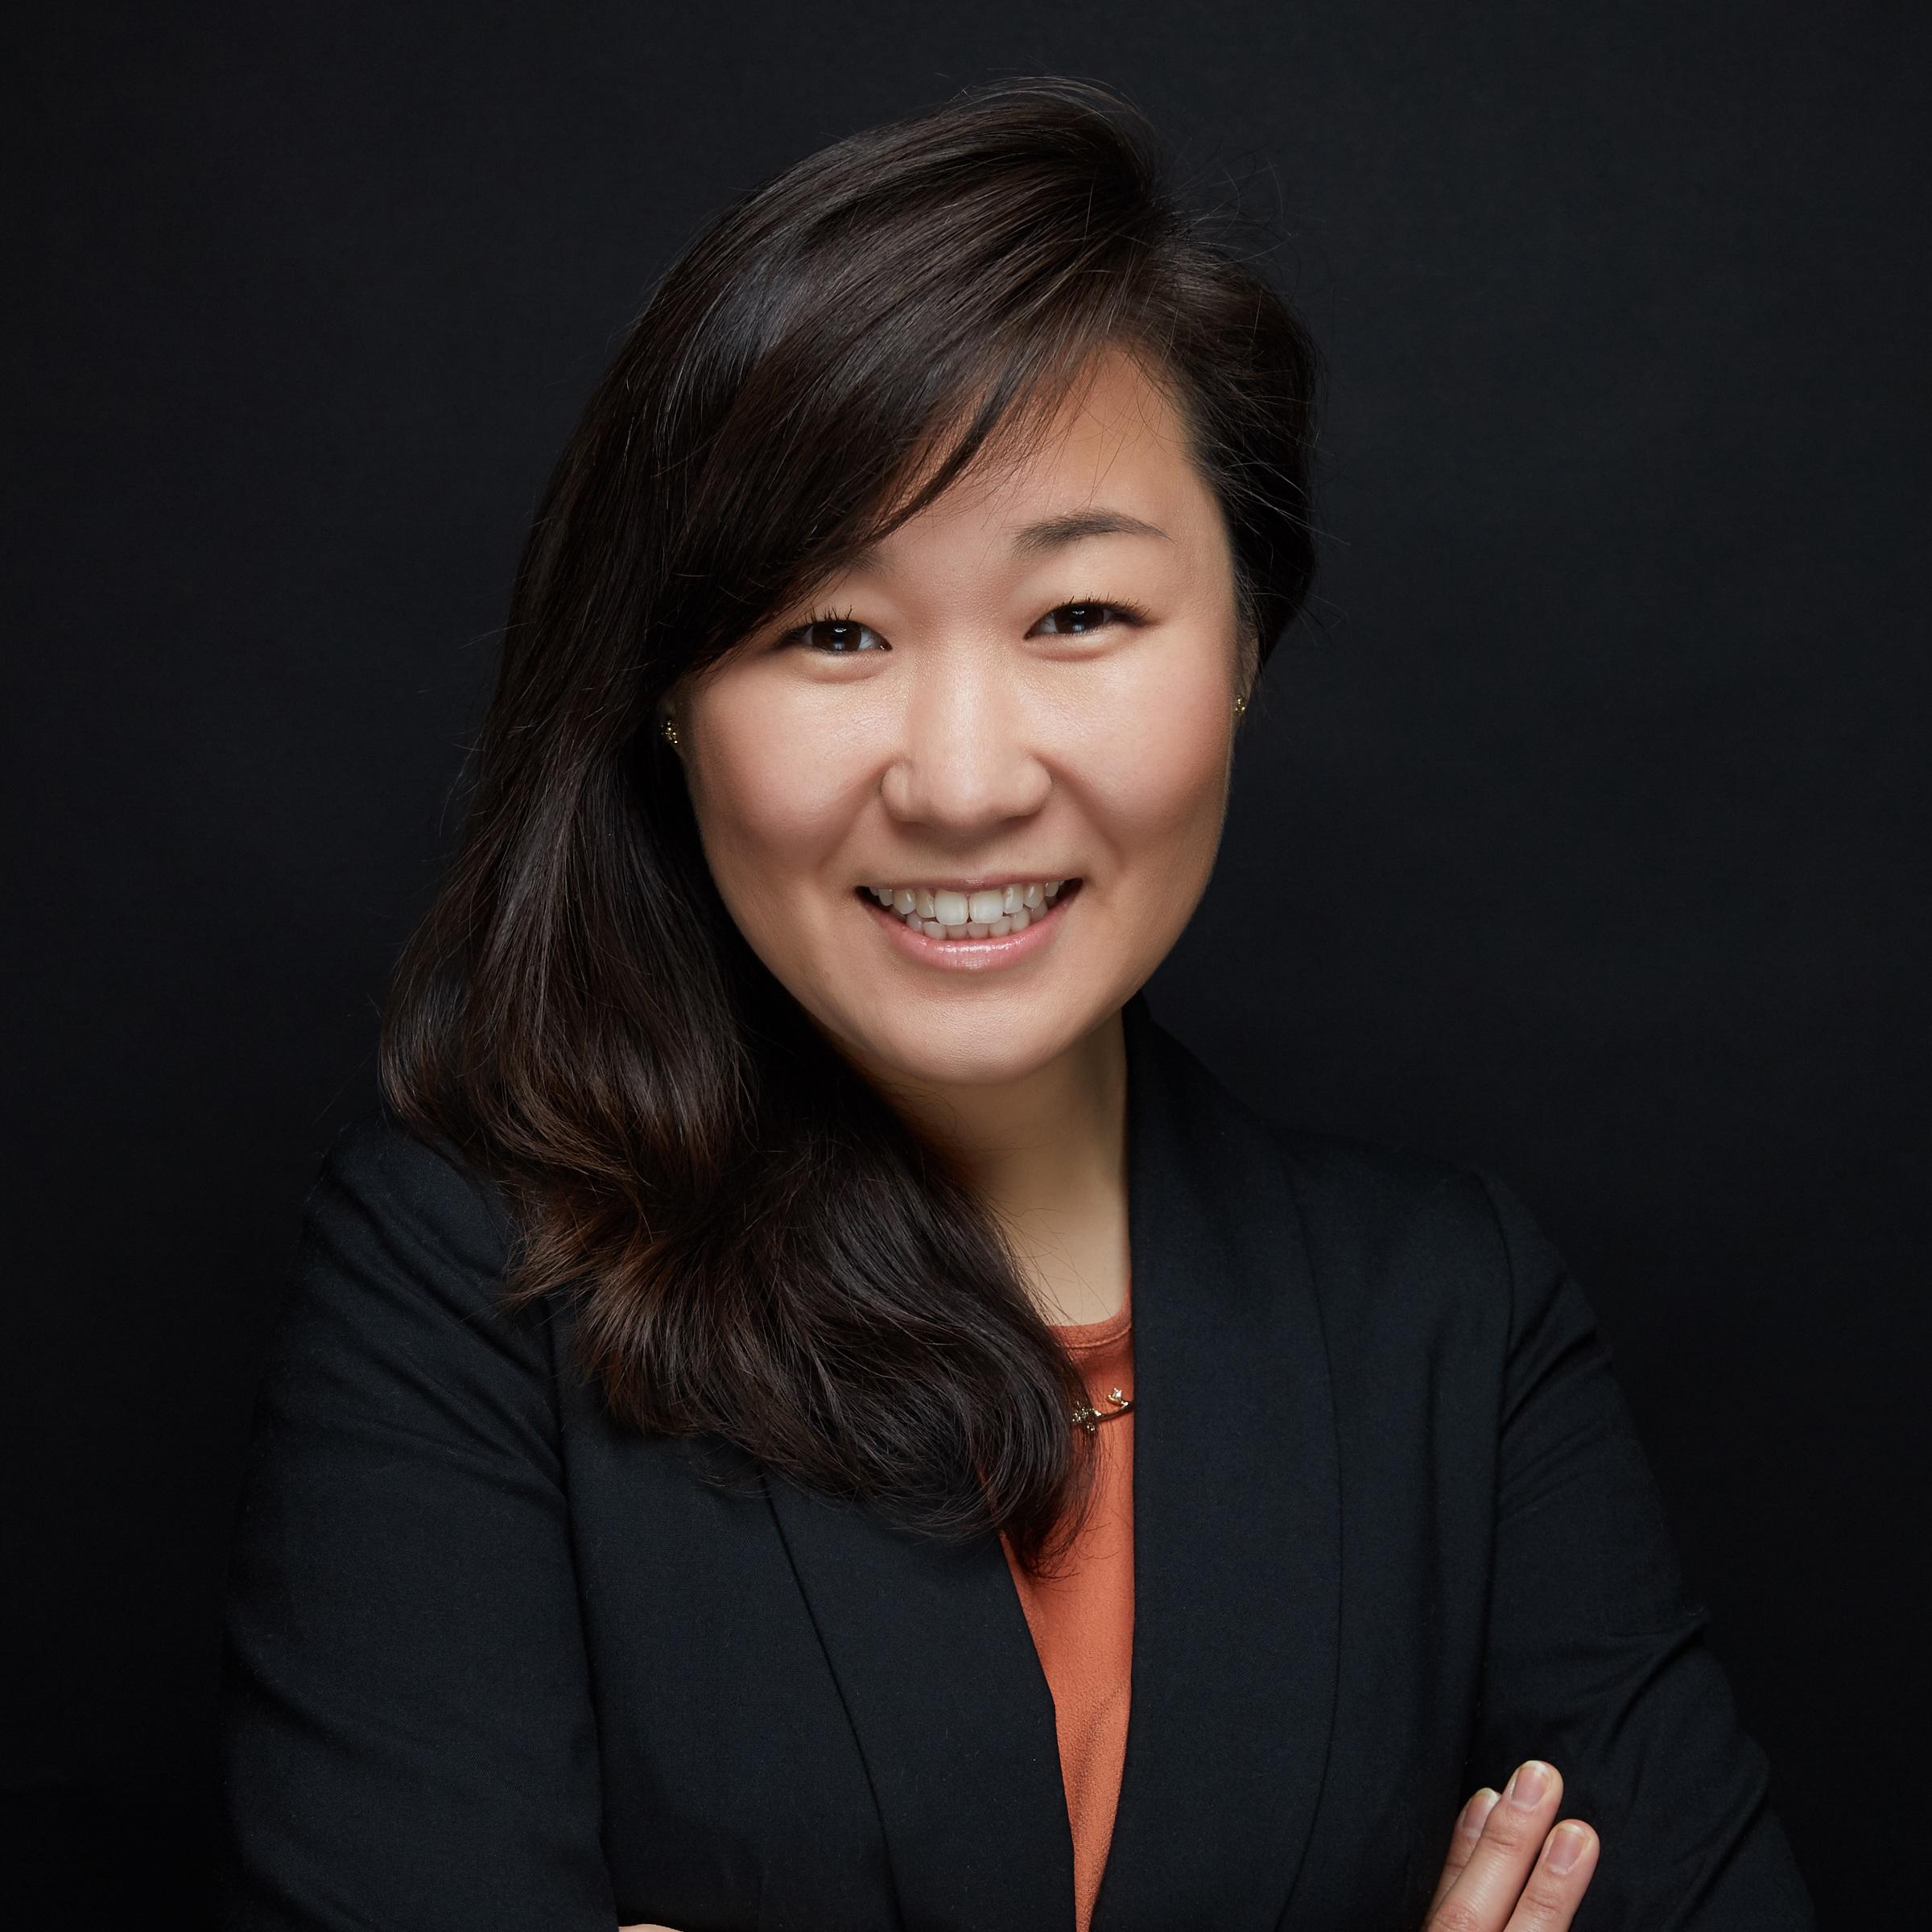 강신혜 (Catherine Kang)  대표 — Mustard Seed Generation